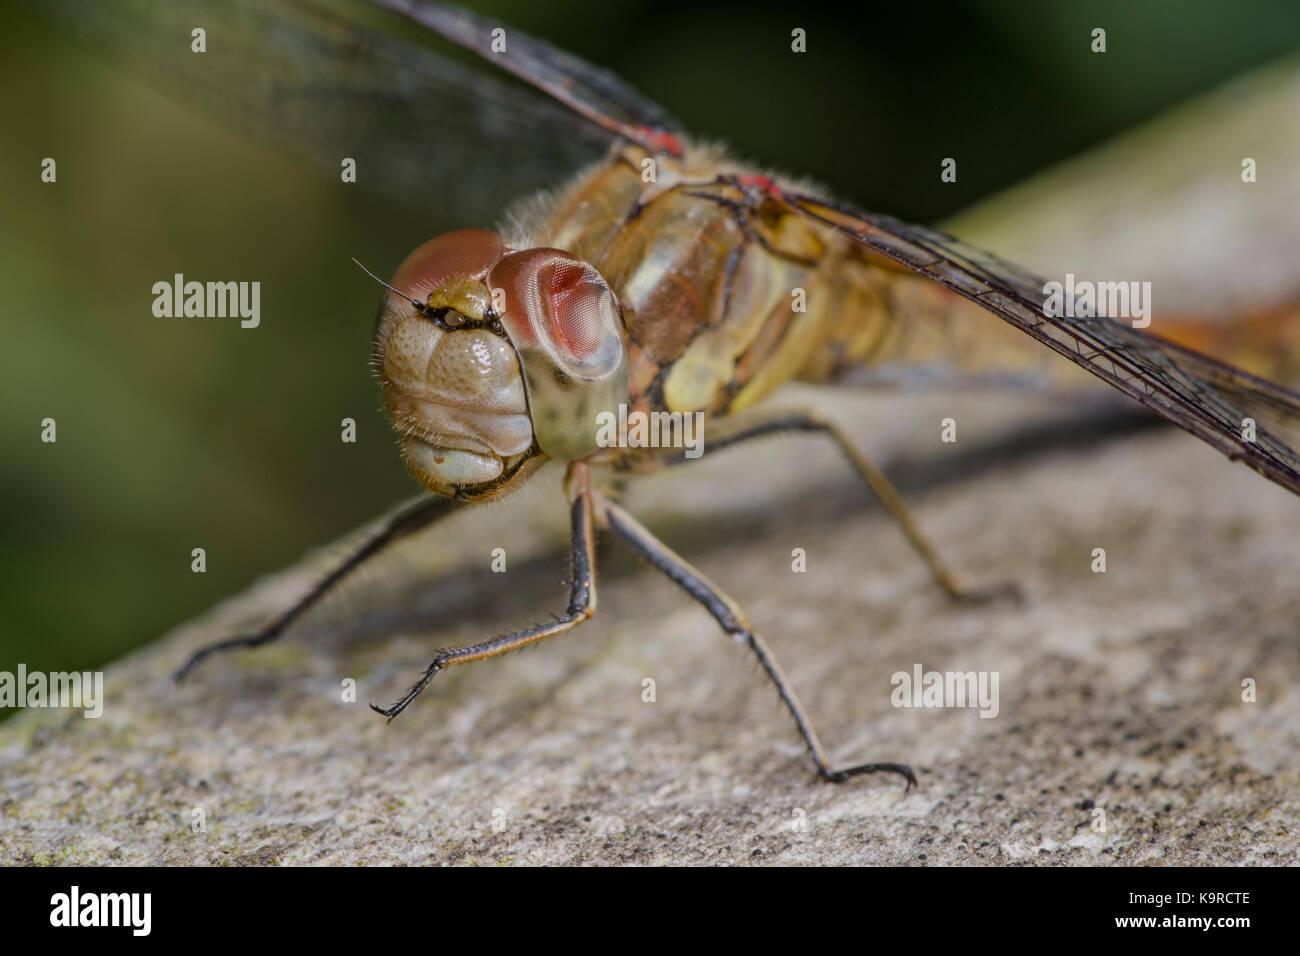 Gemeinsame ad Ruddy darter Libellen mit ihren bunten Multi-celled Facettenaugen und vier Flügel, während Stockbild